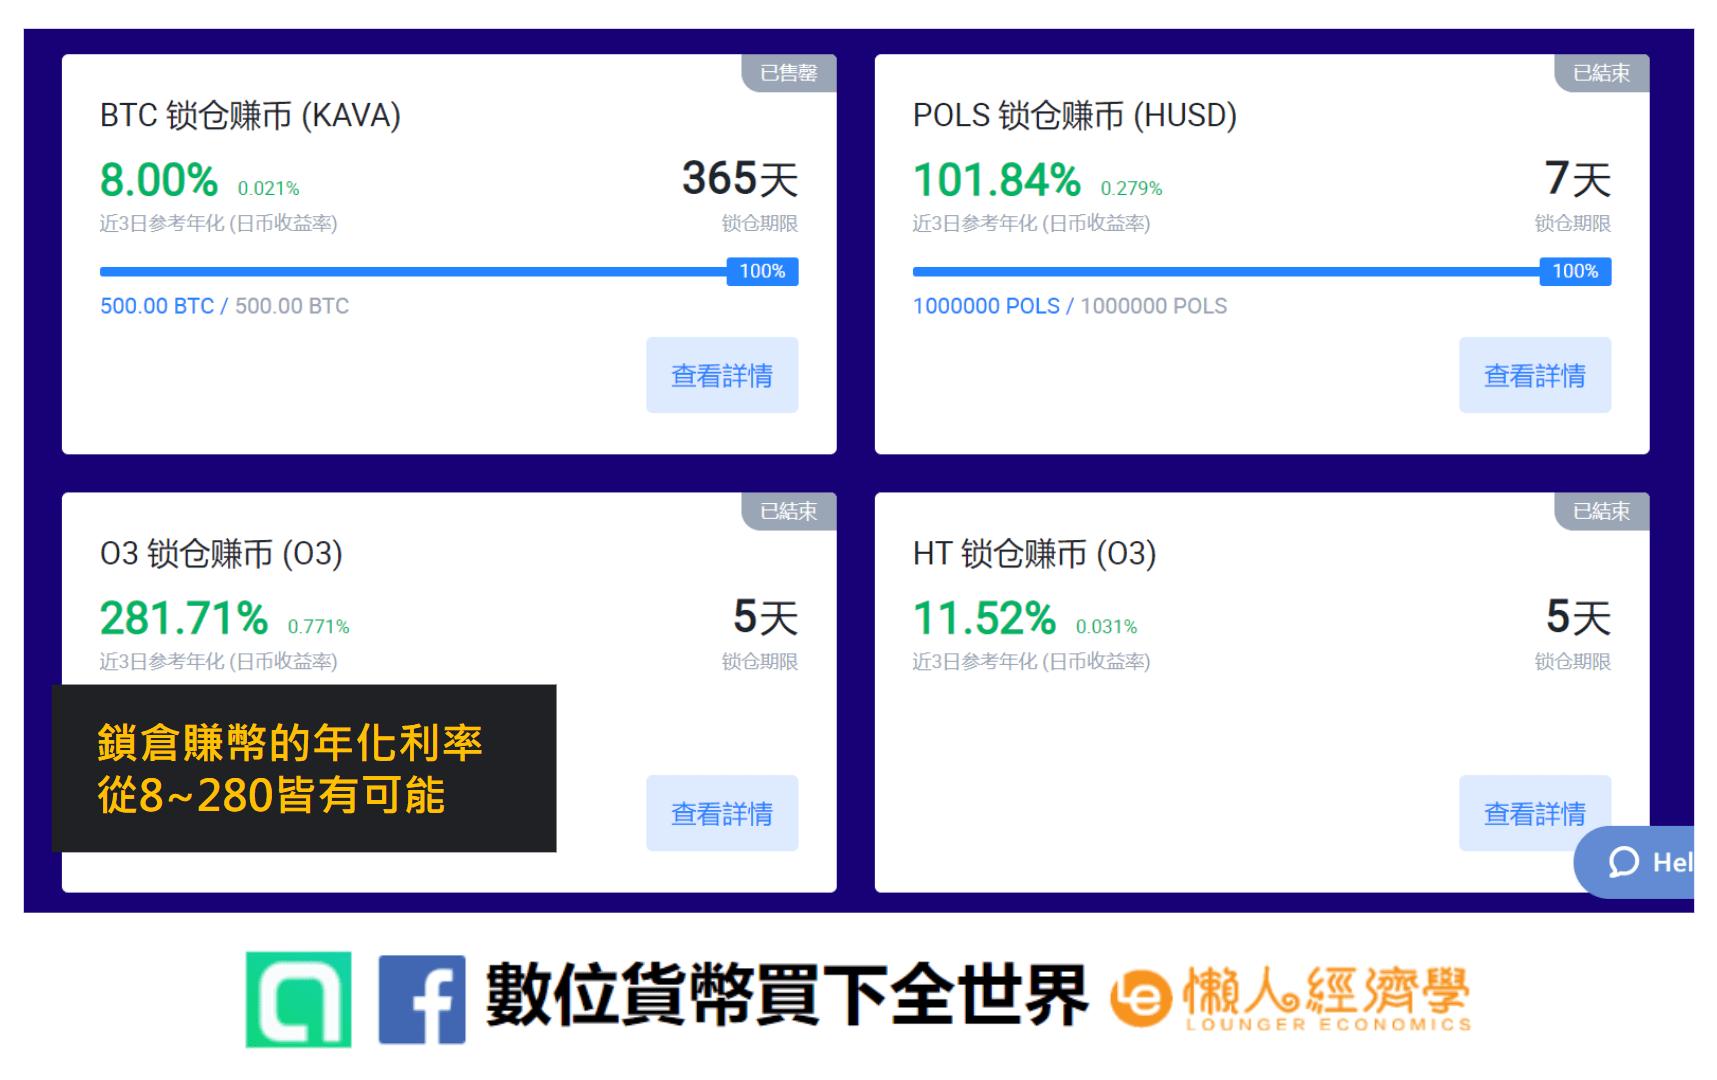 火幣網特色:huobi火幣網理財商品介紹,年化收益可達200%